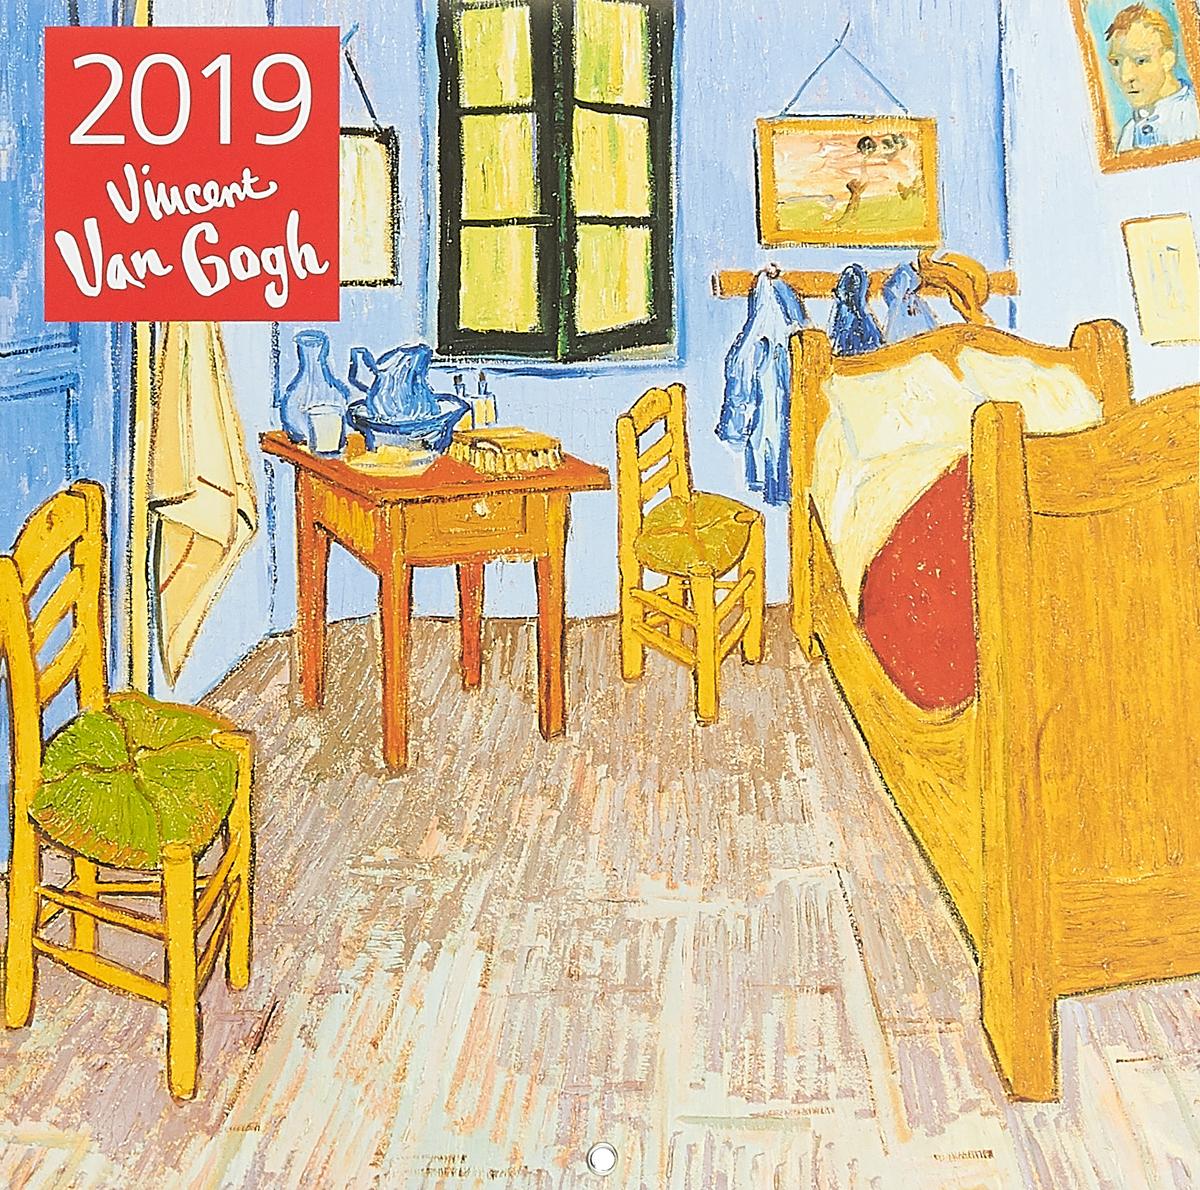 Винсент Ван Гог. Календарь настенный на 2019 год шедевры ван гога